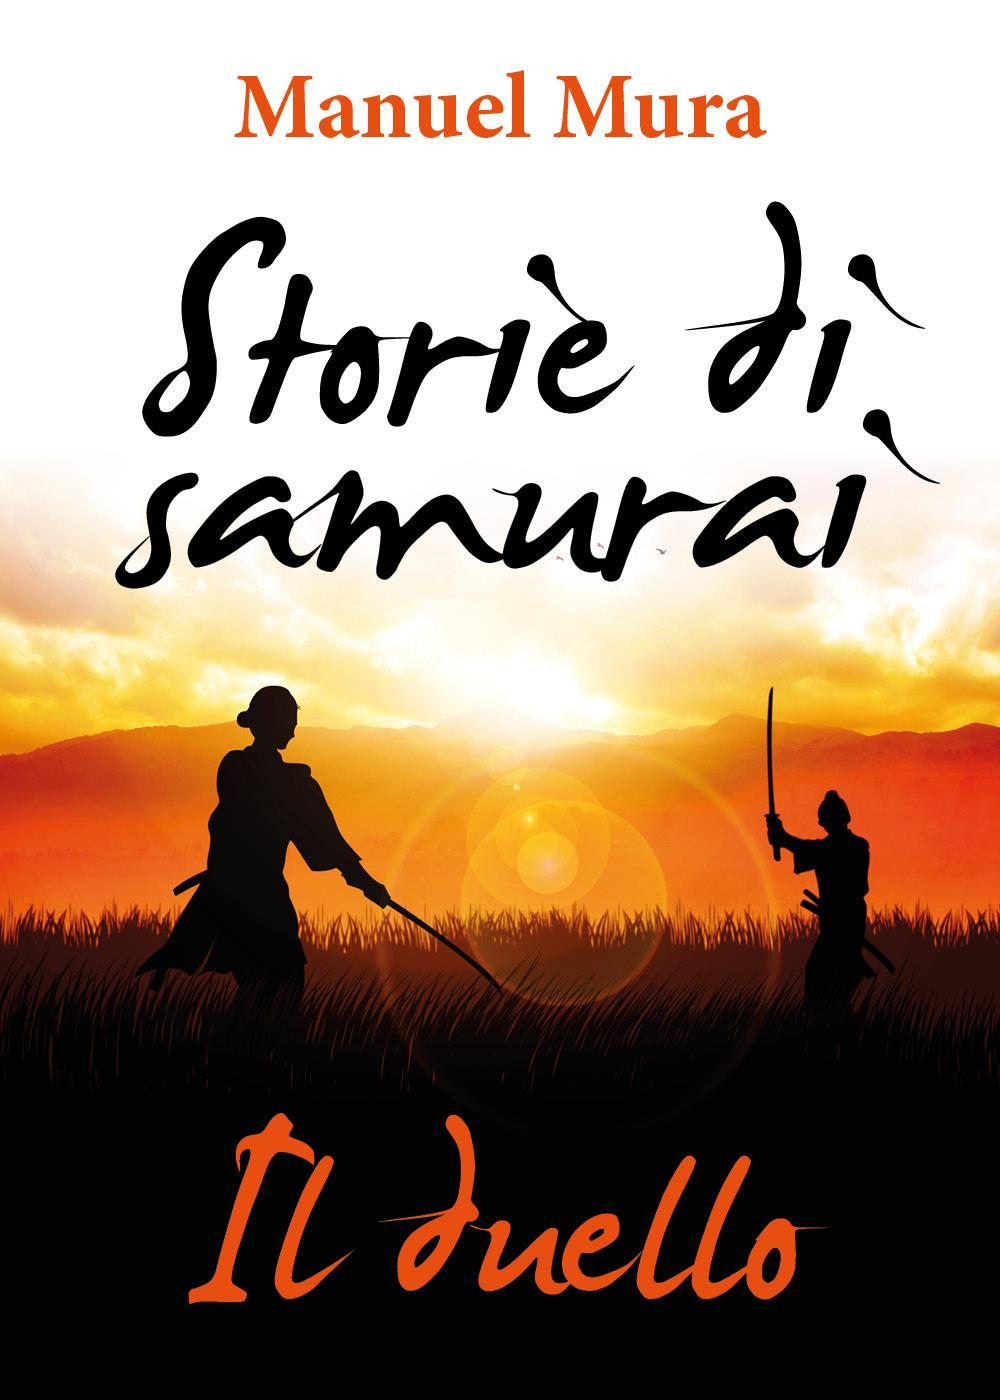 Storie di samurai - Il duello